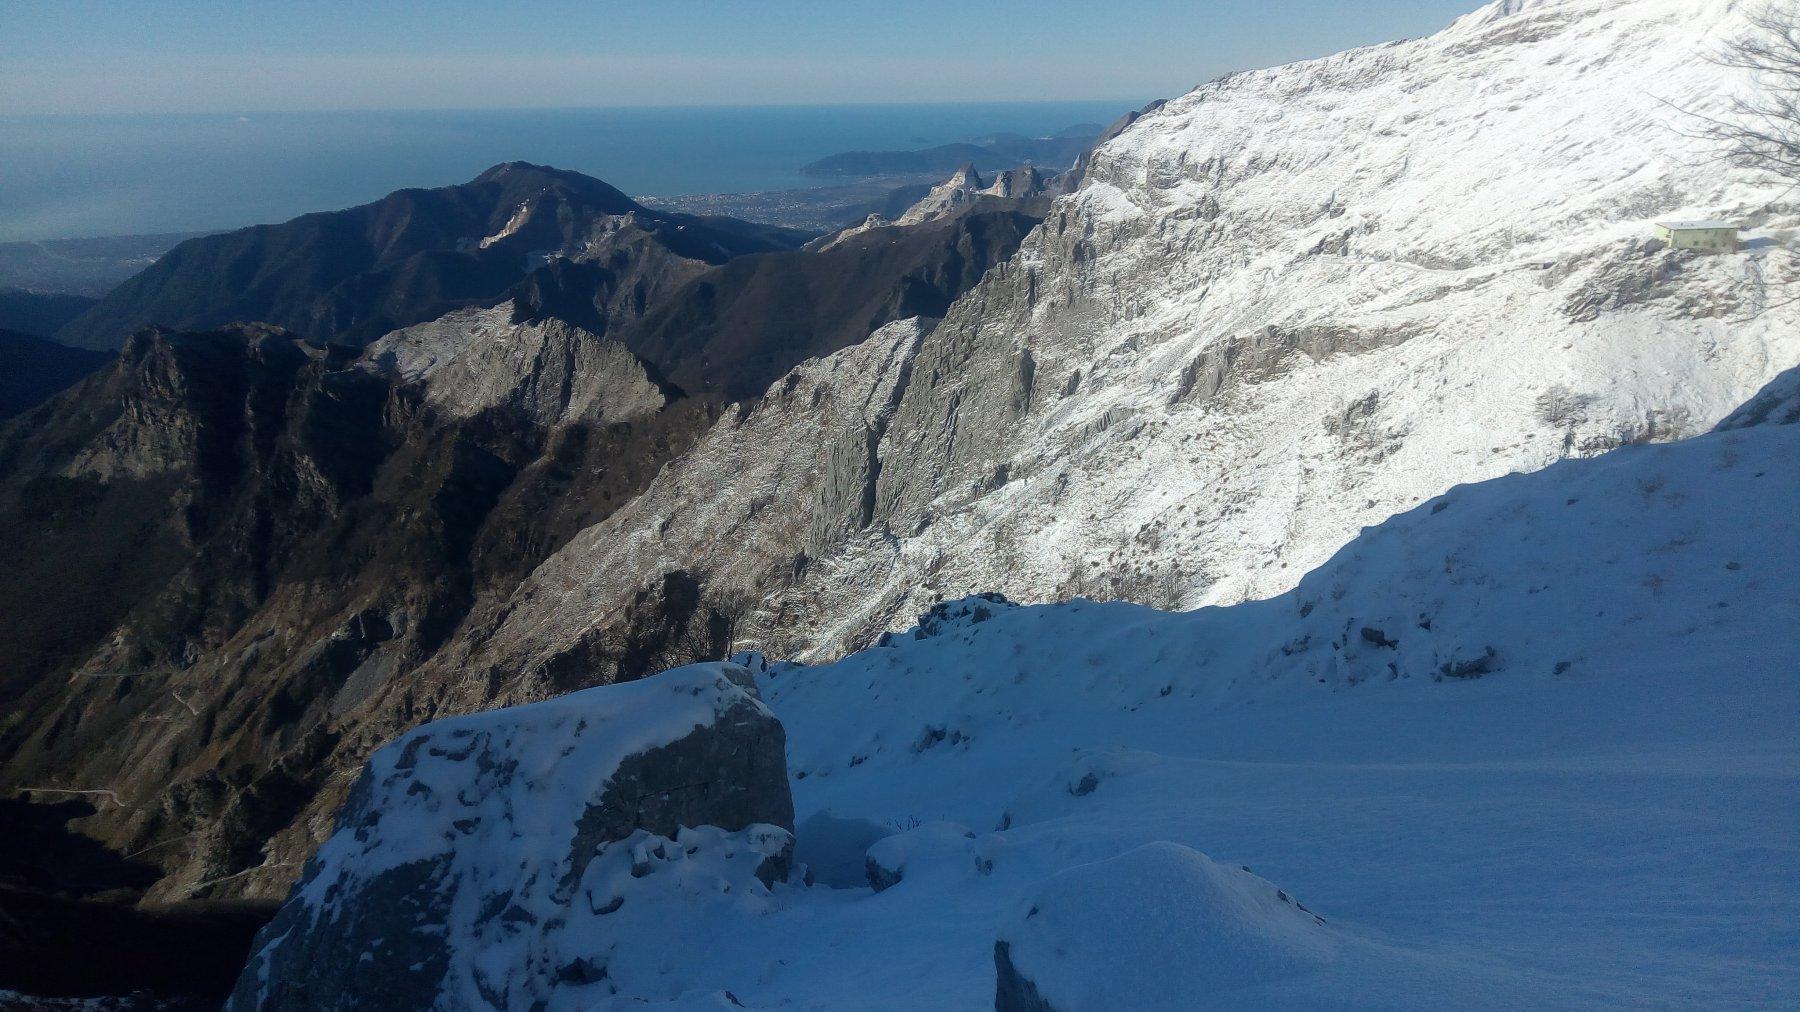 Mare e neve, con il caratteristico masso solitario